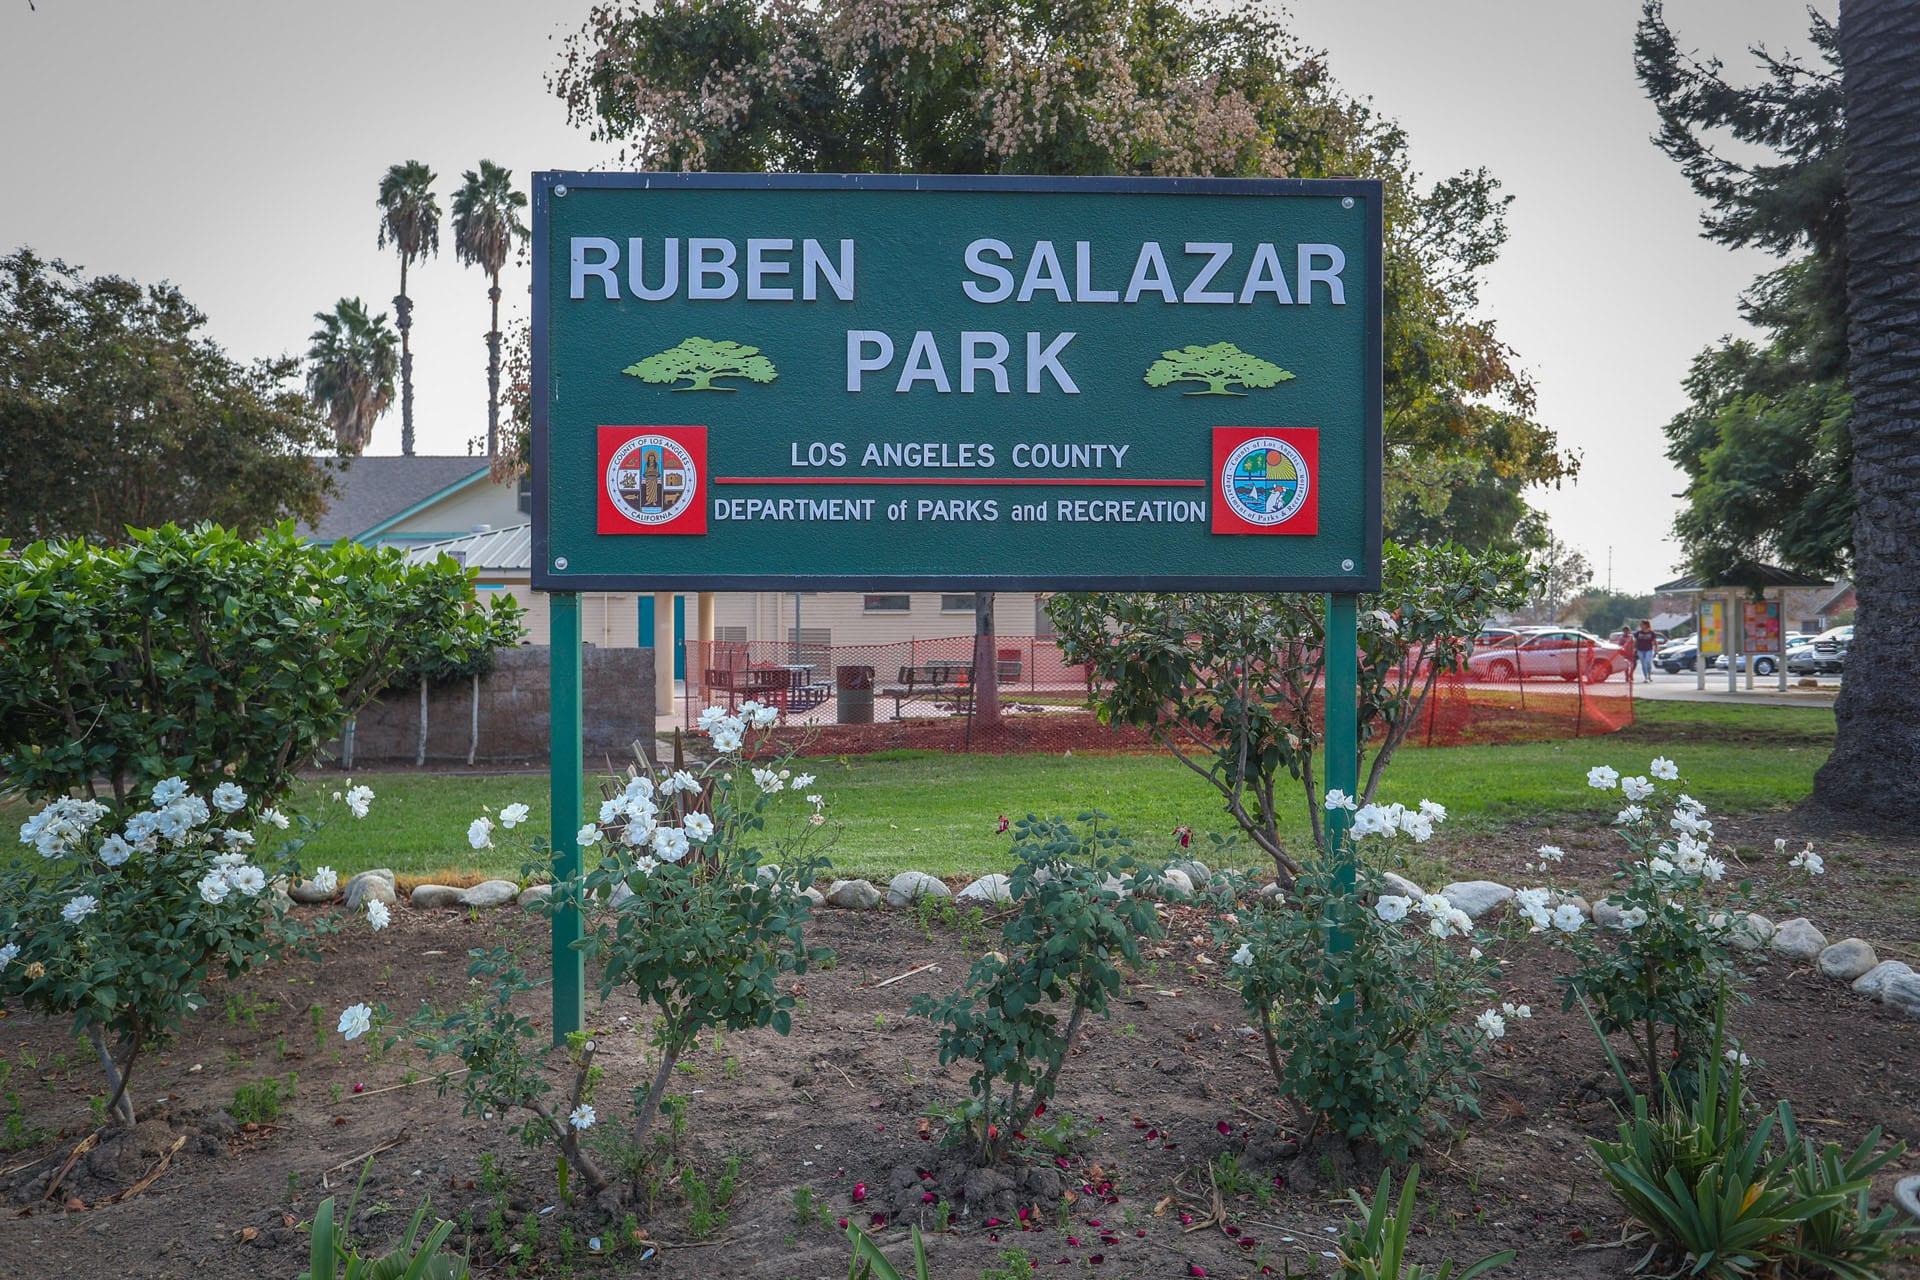 Ruben Salazar Park sign